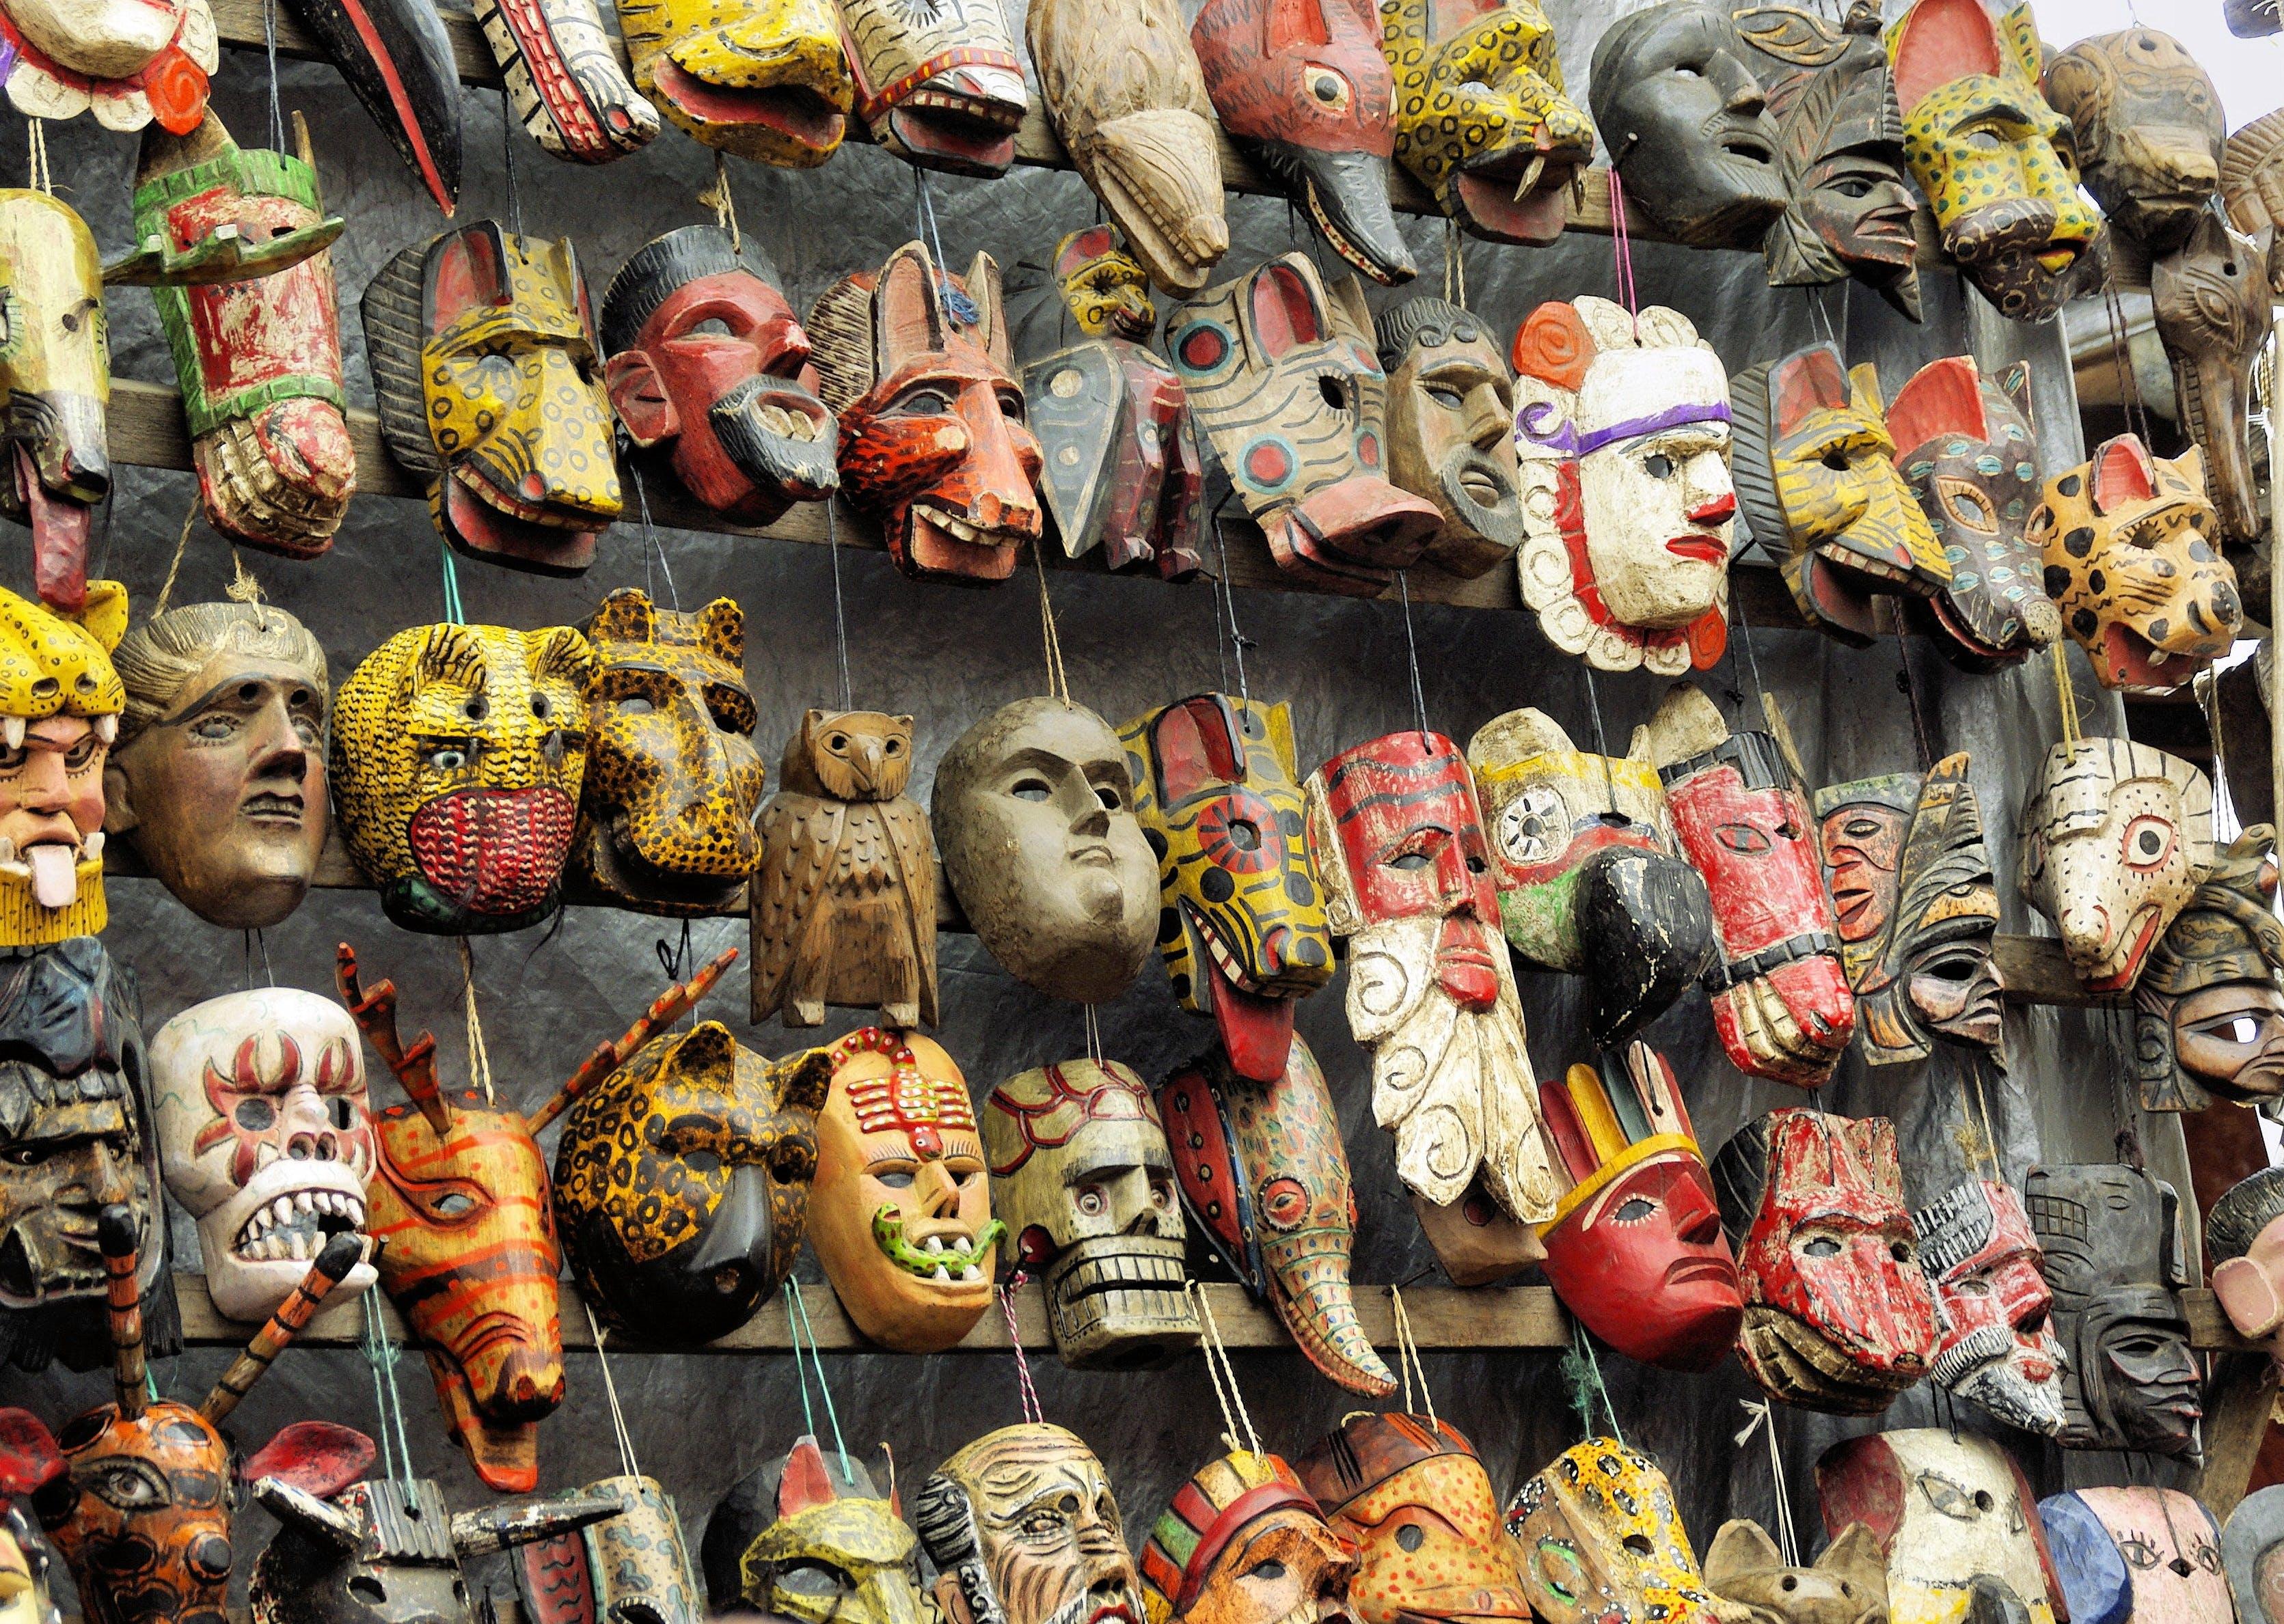 Free stock photo of market, objects, ethnic, masks